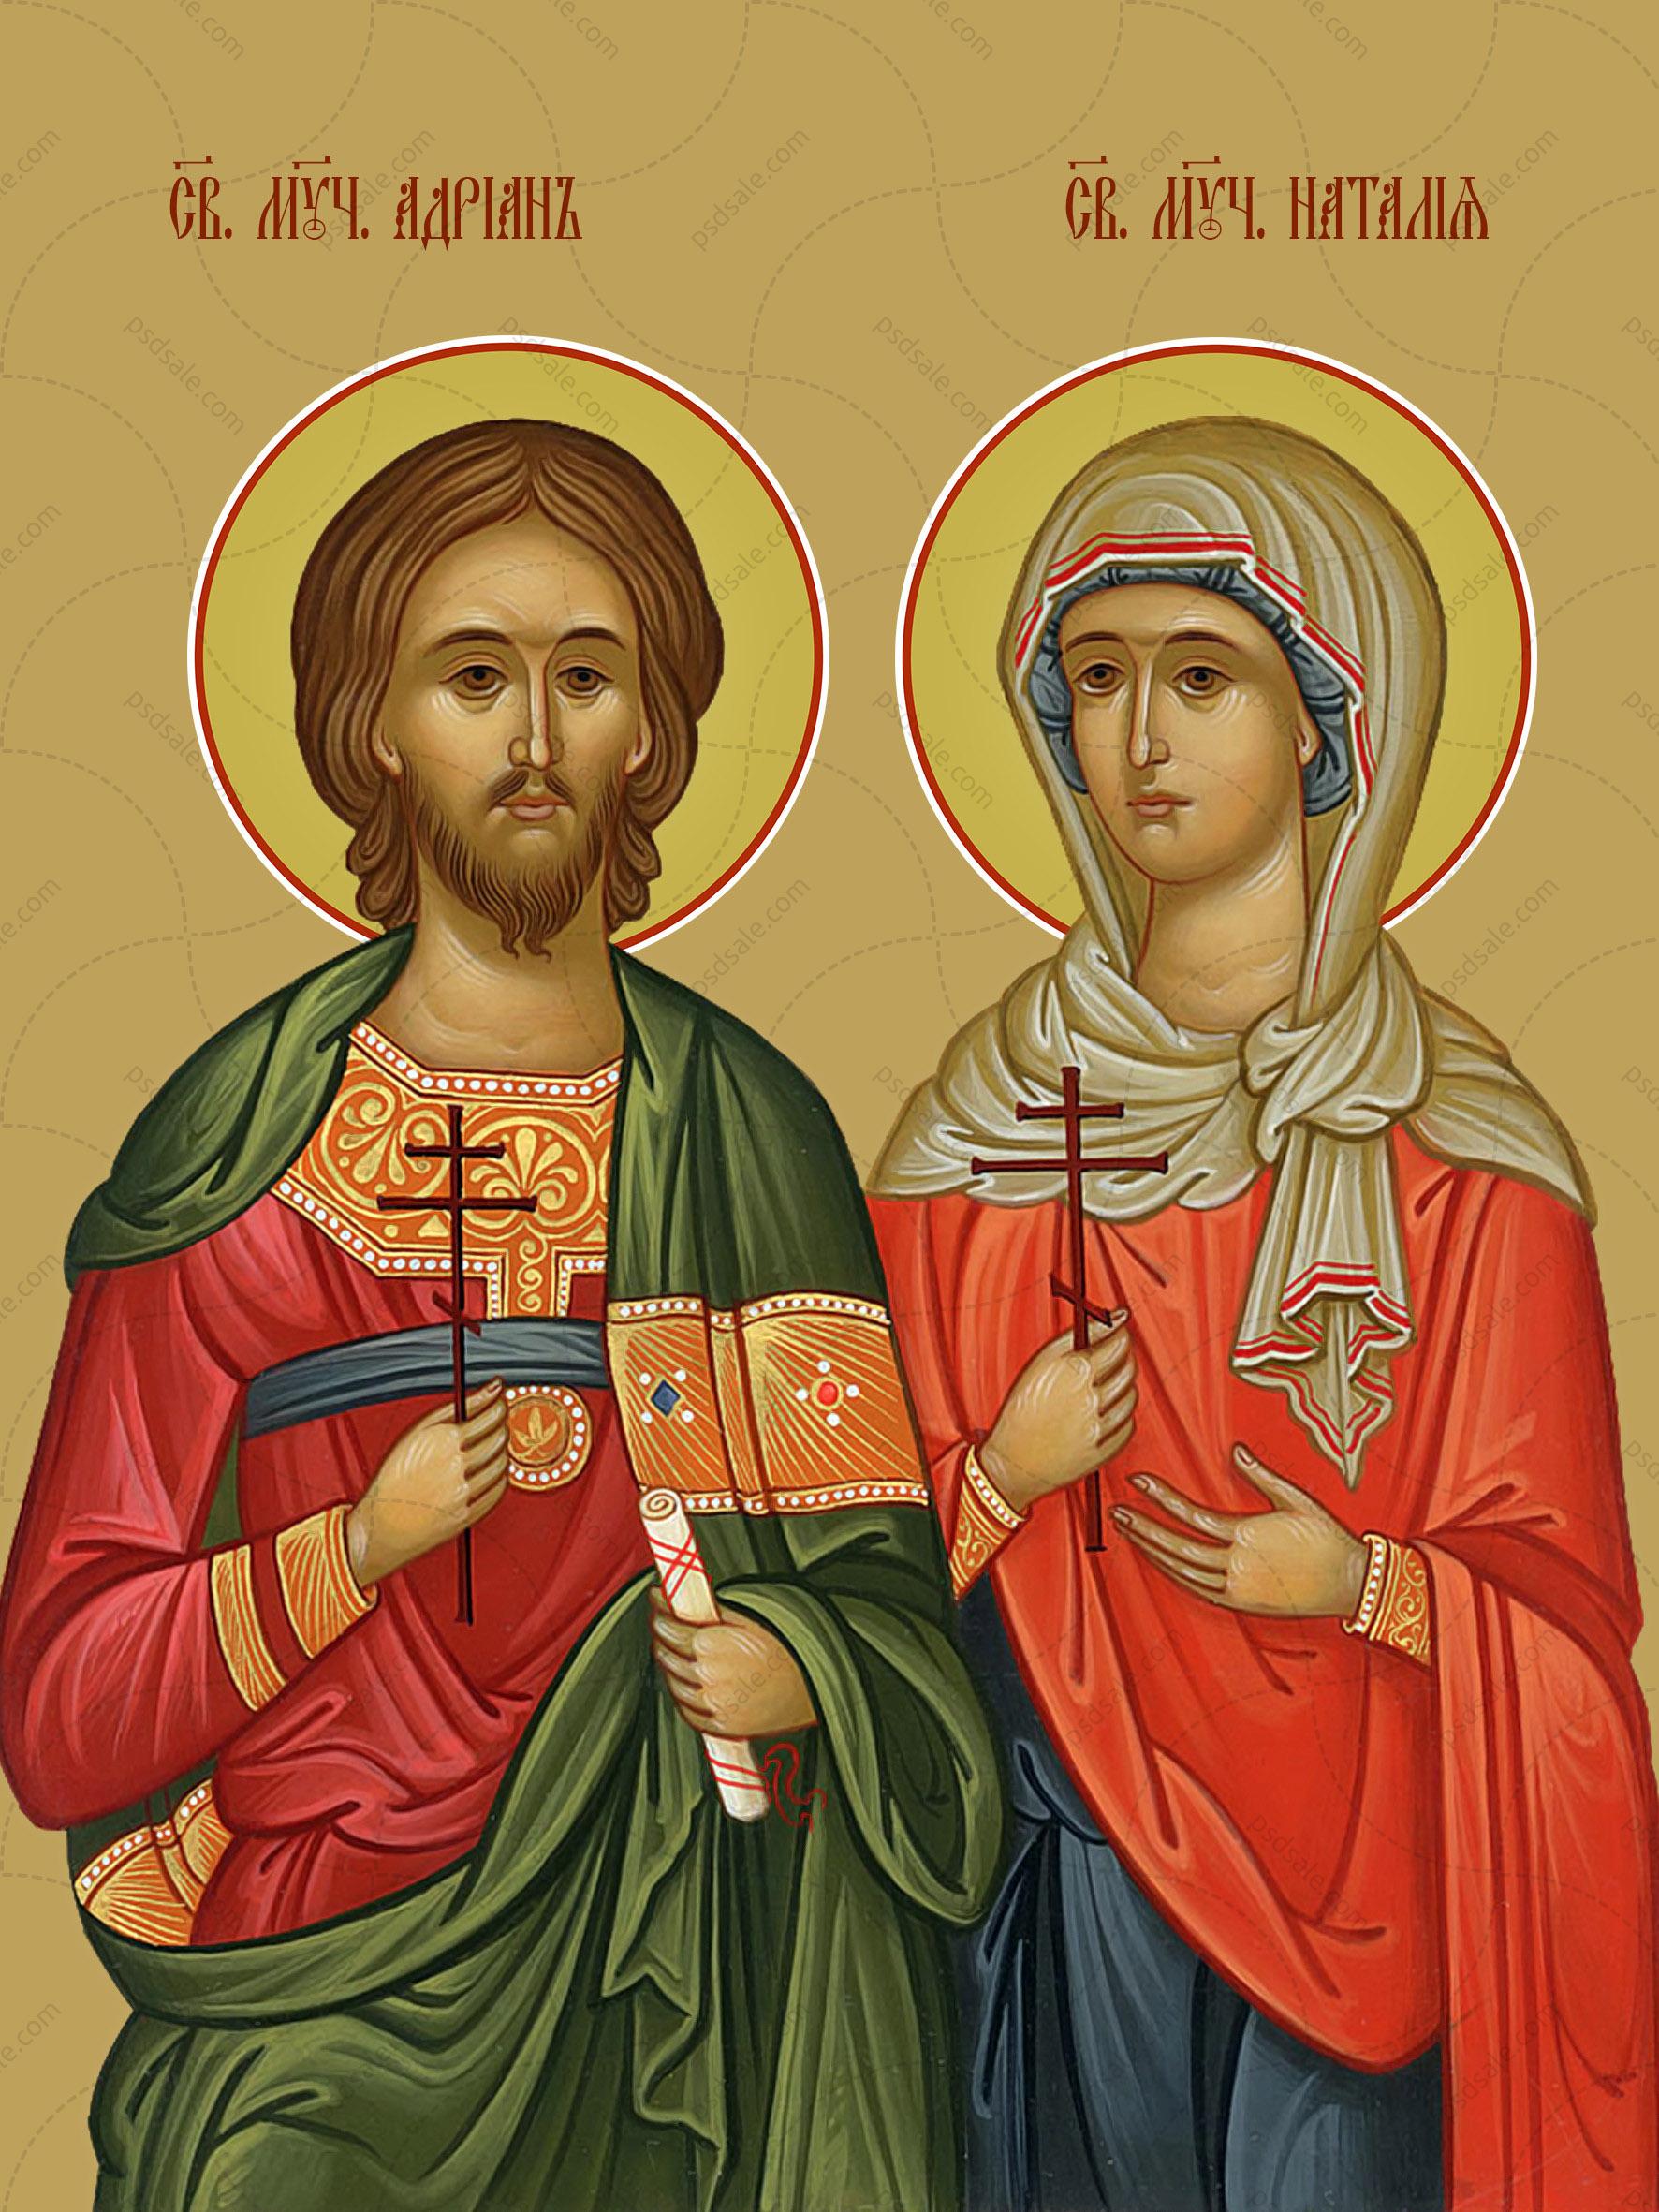 Адриан и Наталия, св. мученики